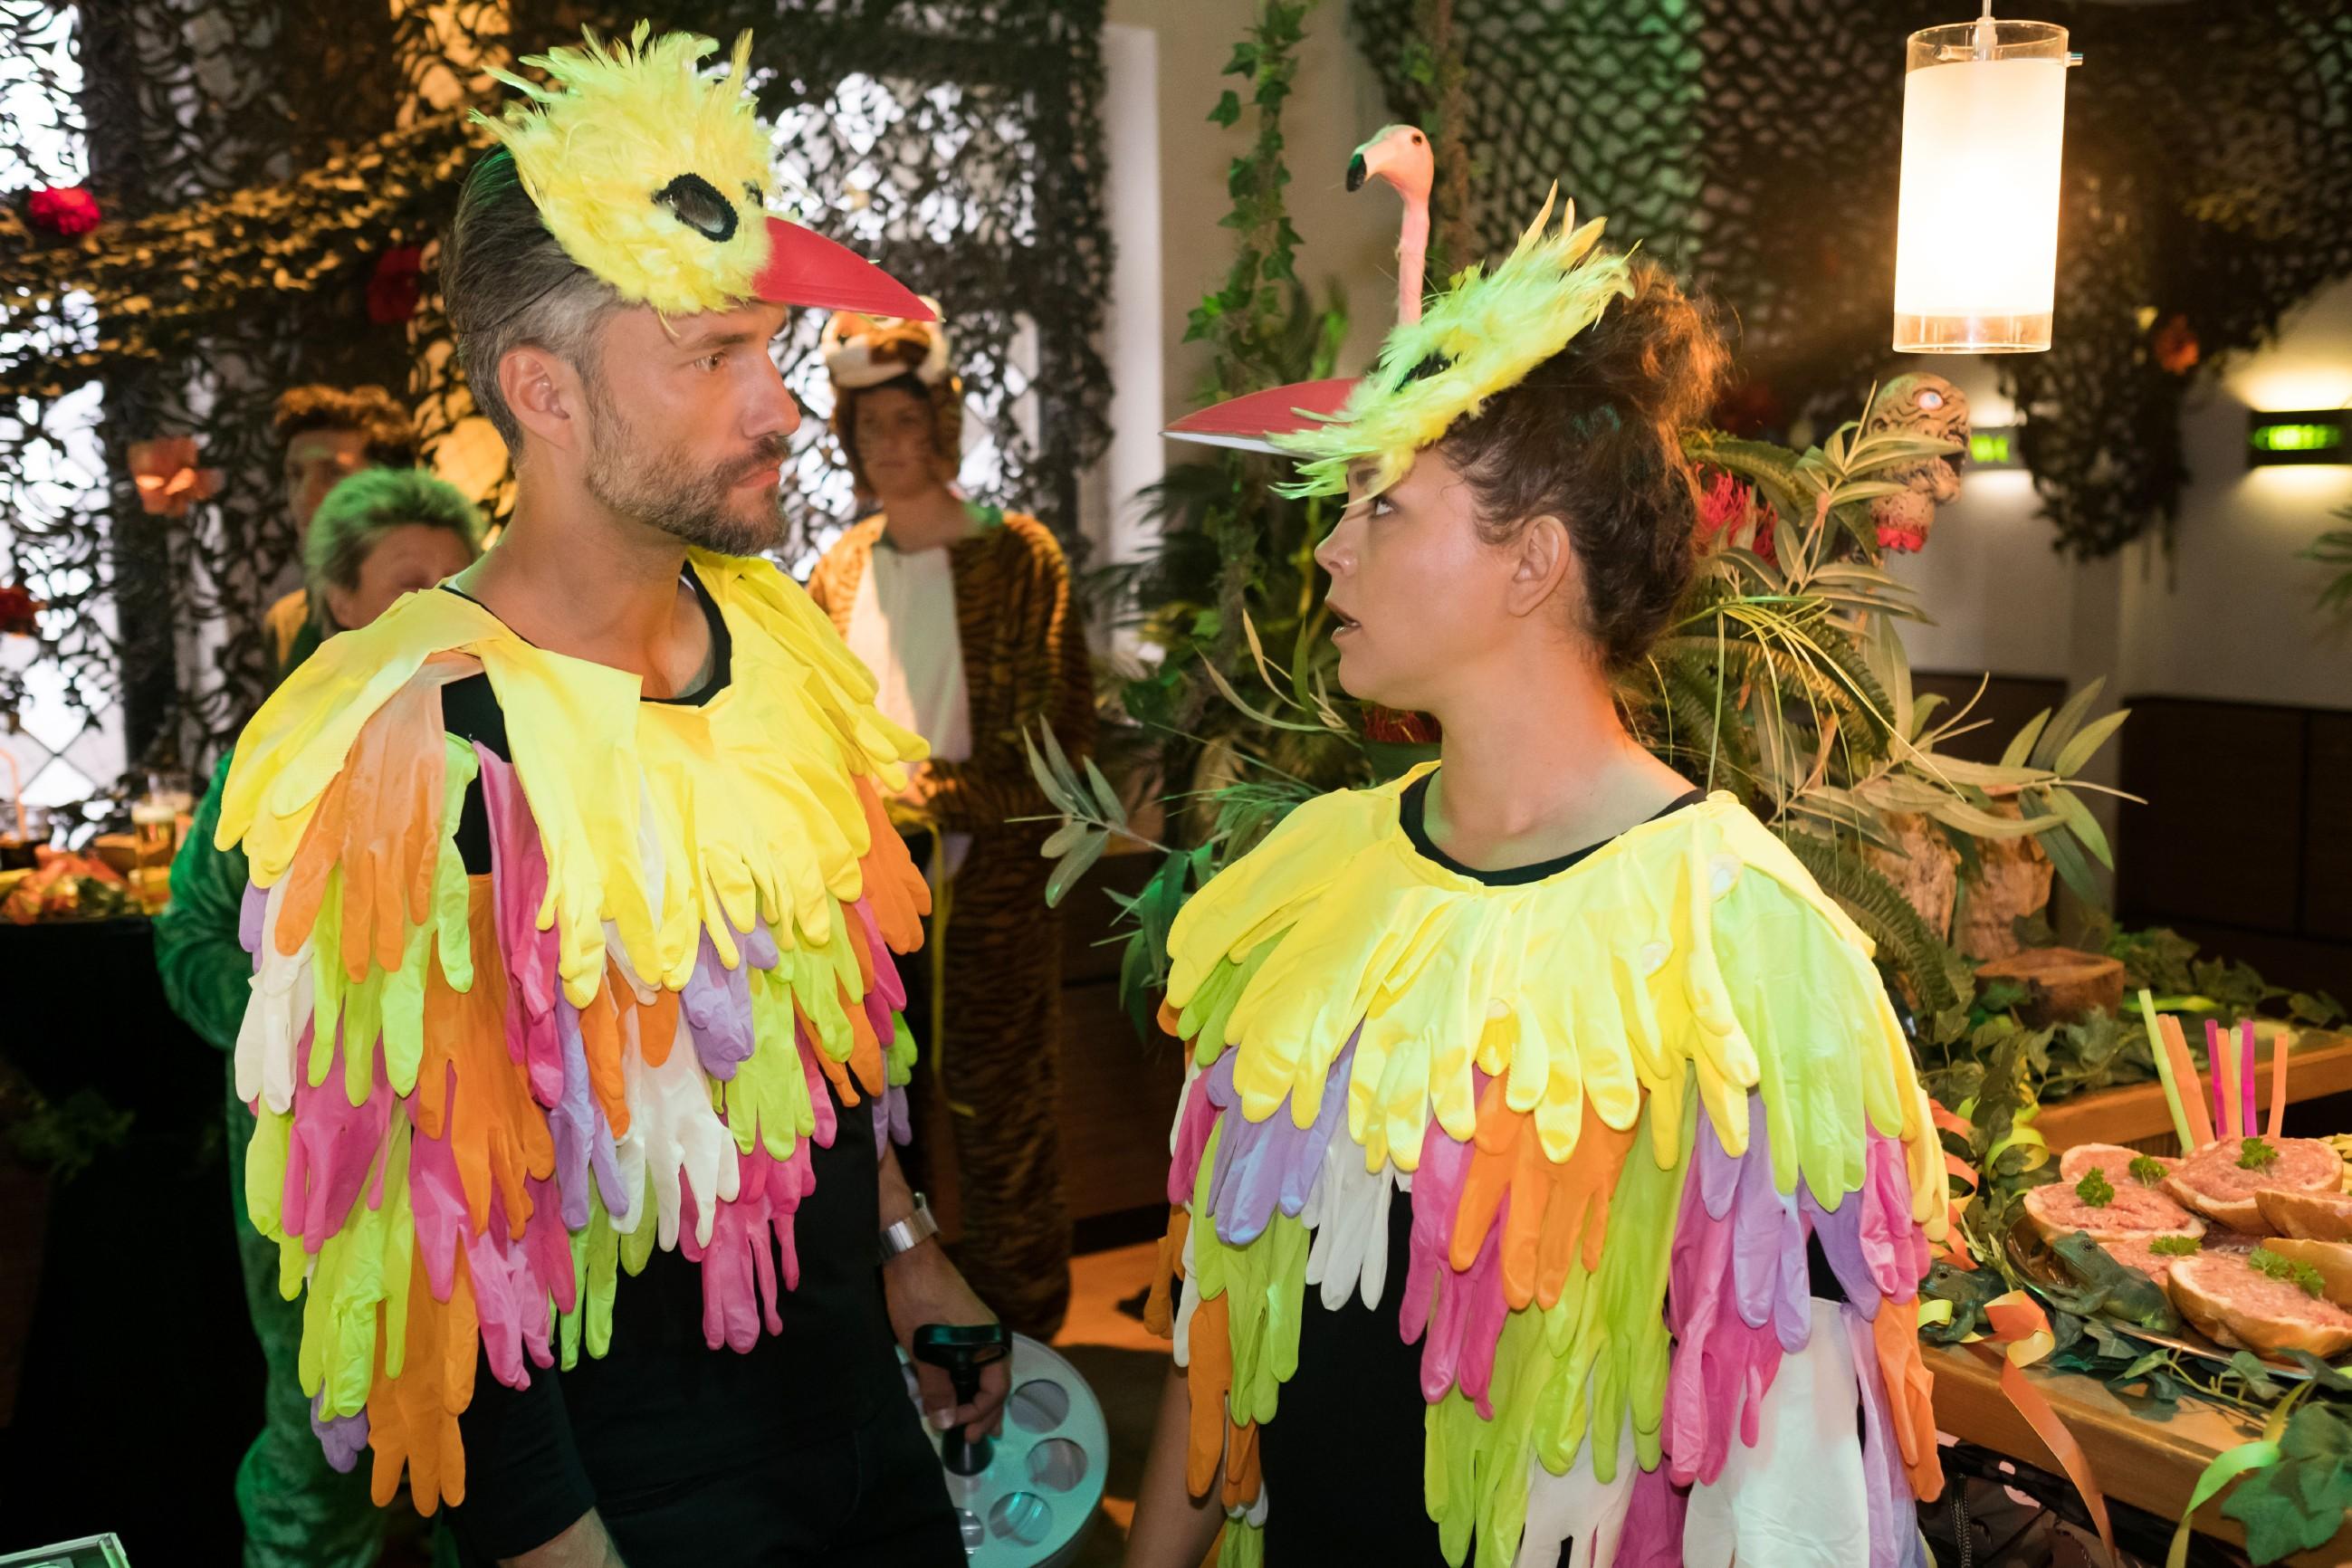 Da zur Karnevalsfeier im Schiller jede Hand gebraucht wird, muss Malte (Stefan Bockelmann) Ute zuliebe zähneknirschend eine Zusammenarbeit mit Caro (Ines Kurenbach) akzeptieren. (Quelle: RTL / Stefan Behrens)